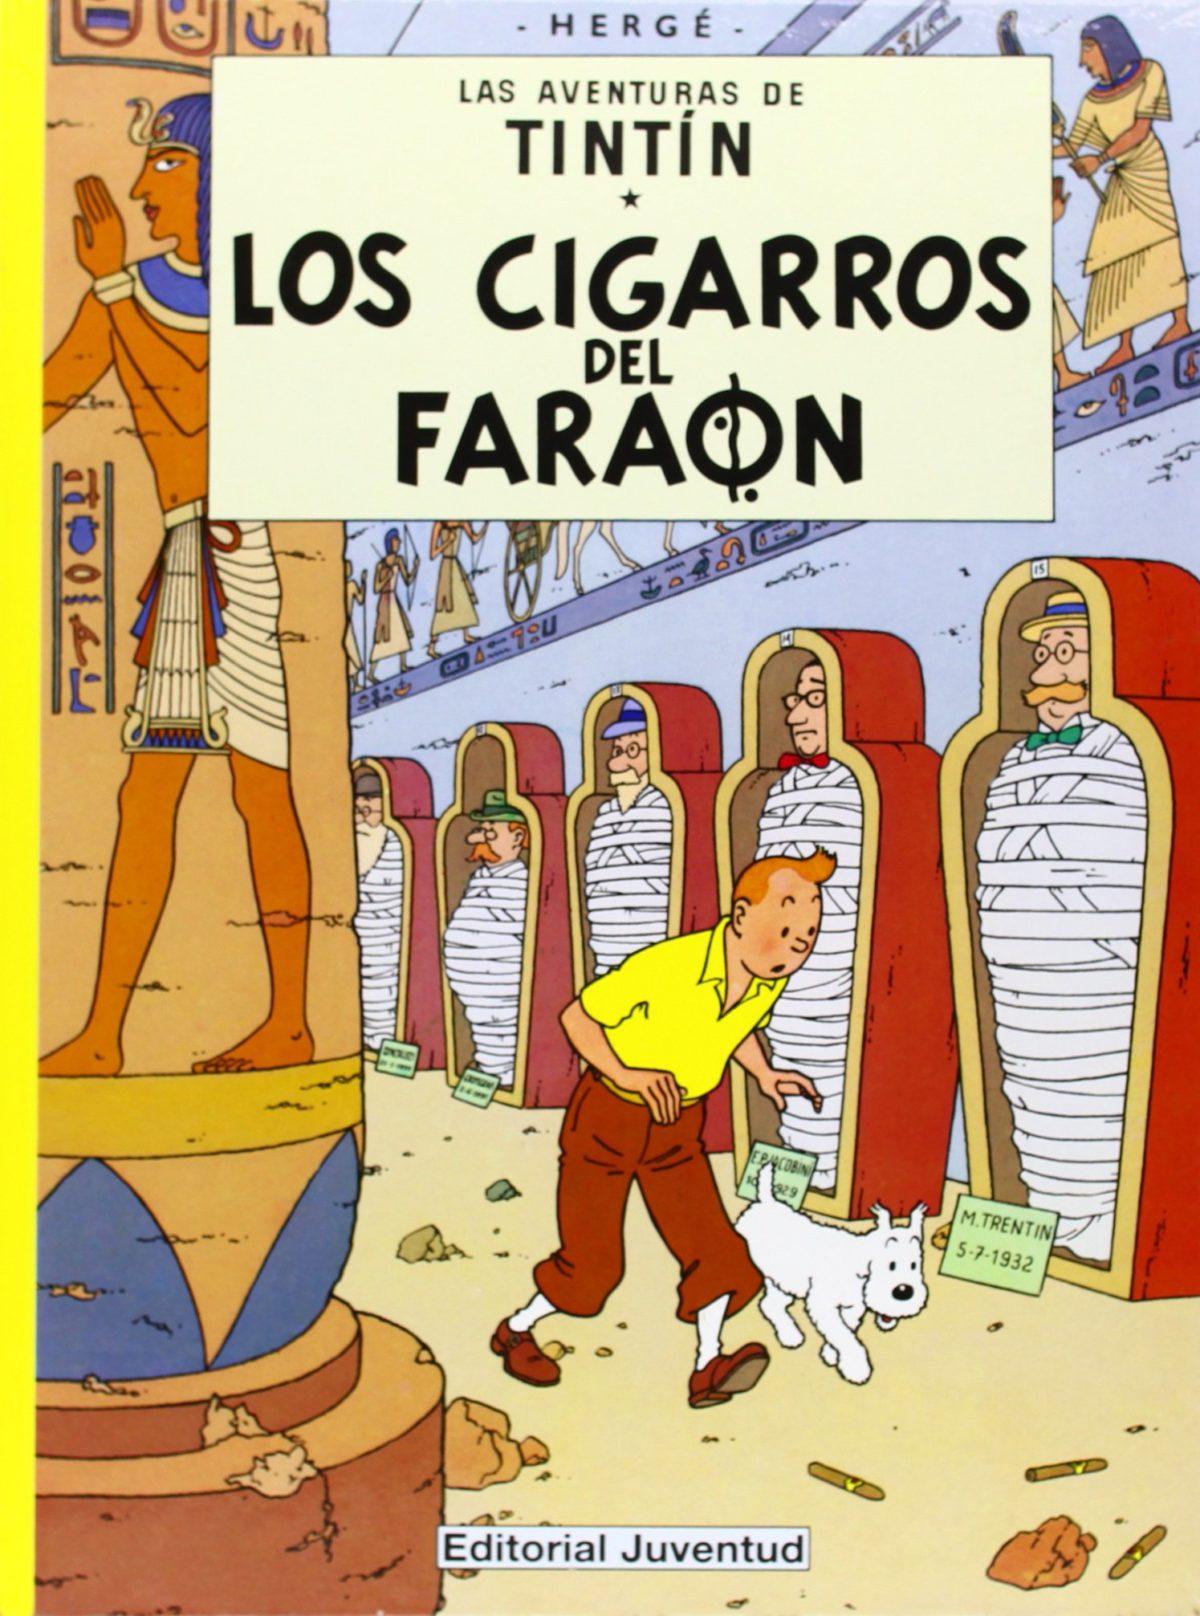 Los cigarros del faraón - Las Aventuras de Tintín (Cartoné)